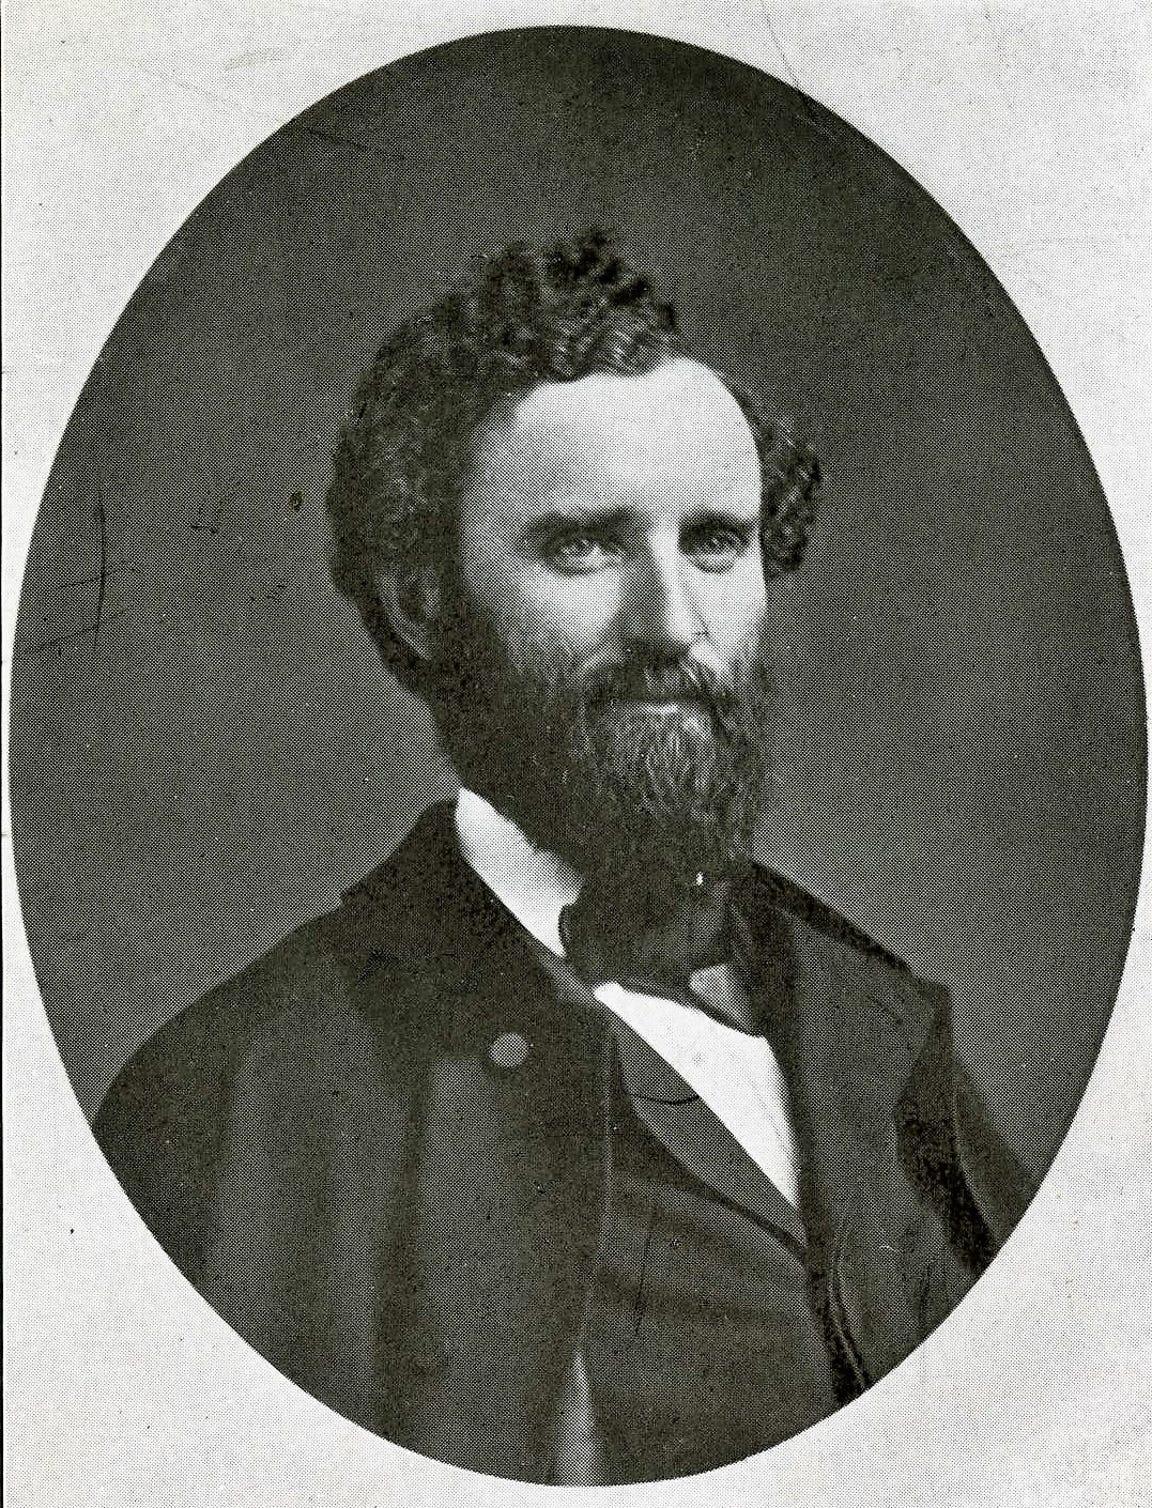 James B. Simmons